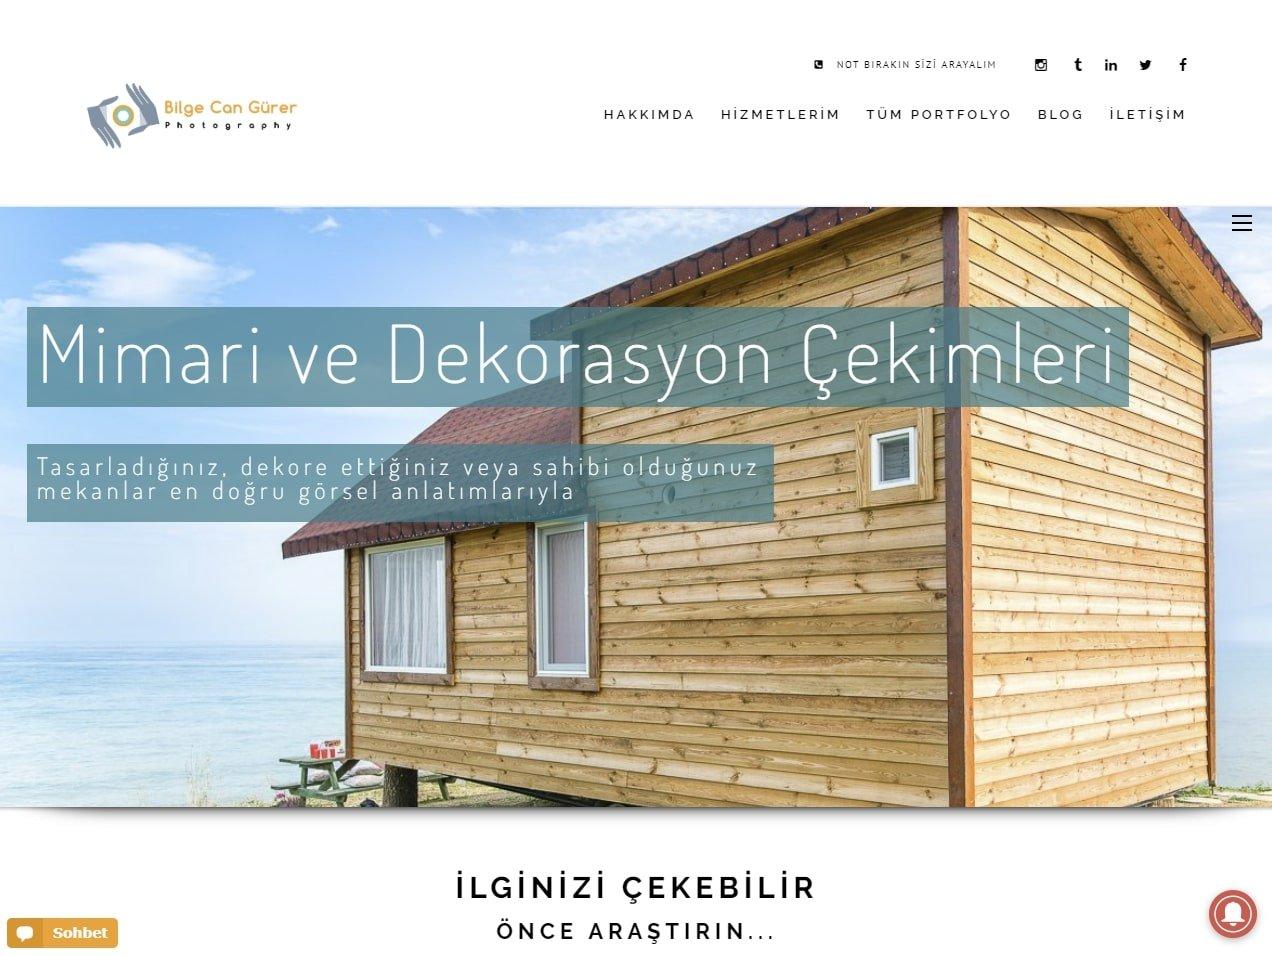 Bilge Can Gürer Profesyonel Web Sitesi